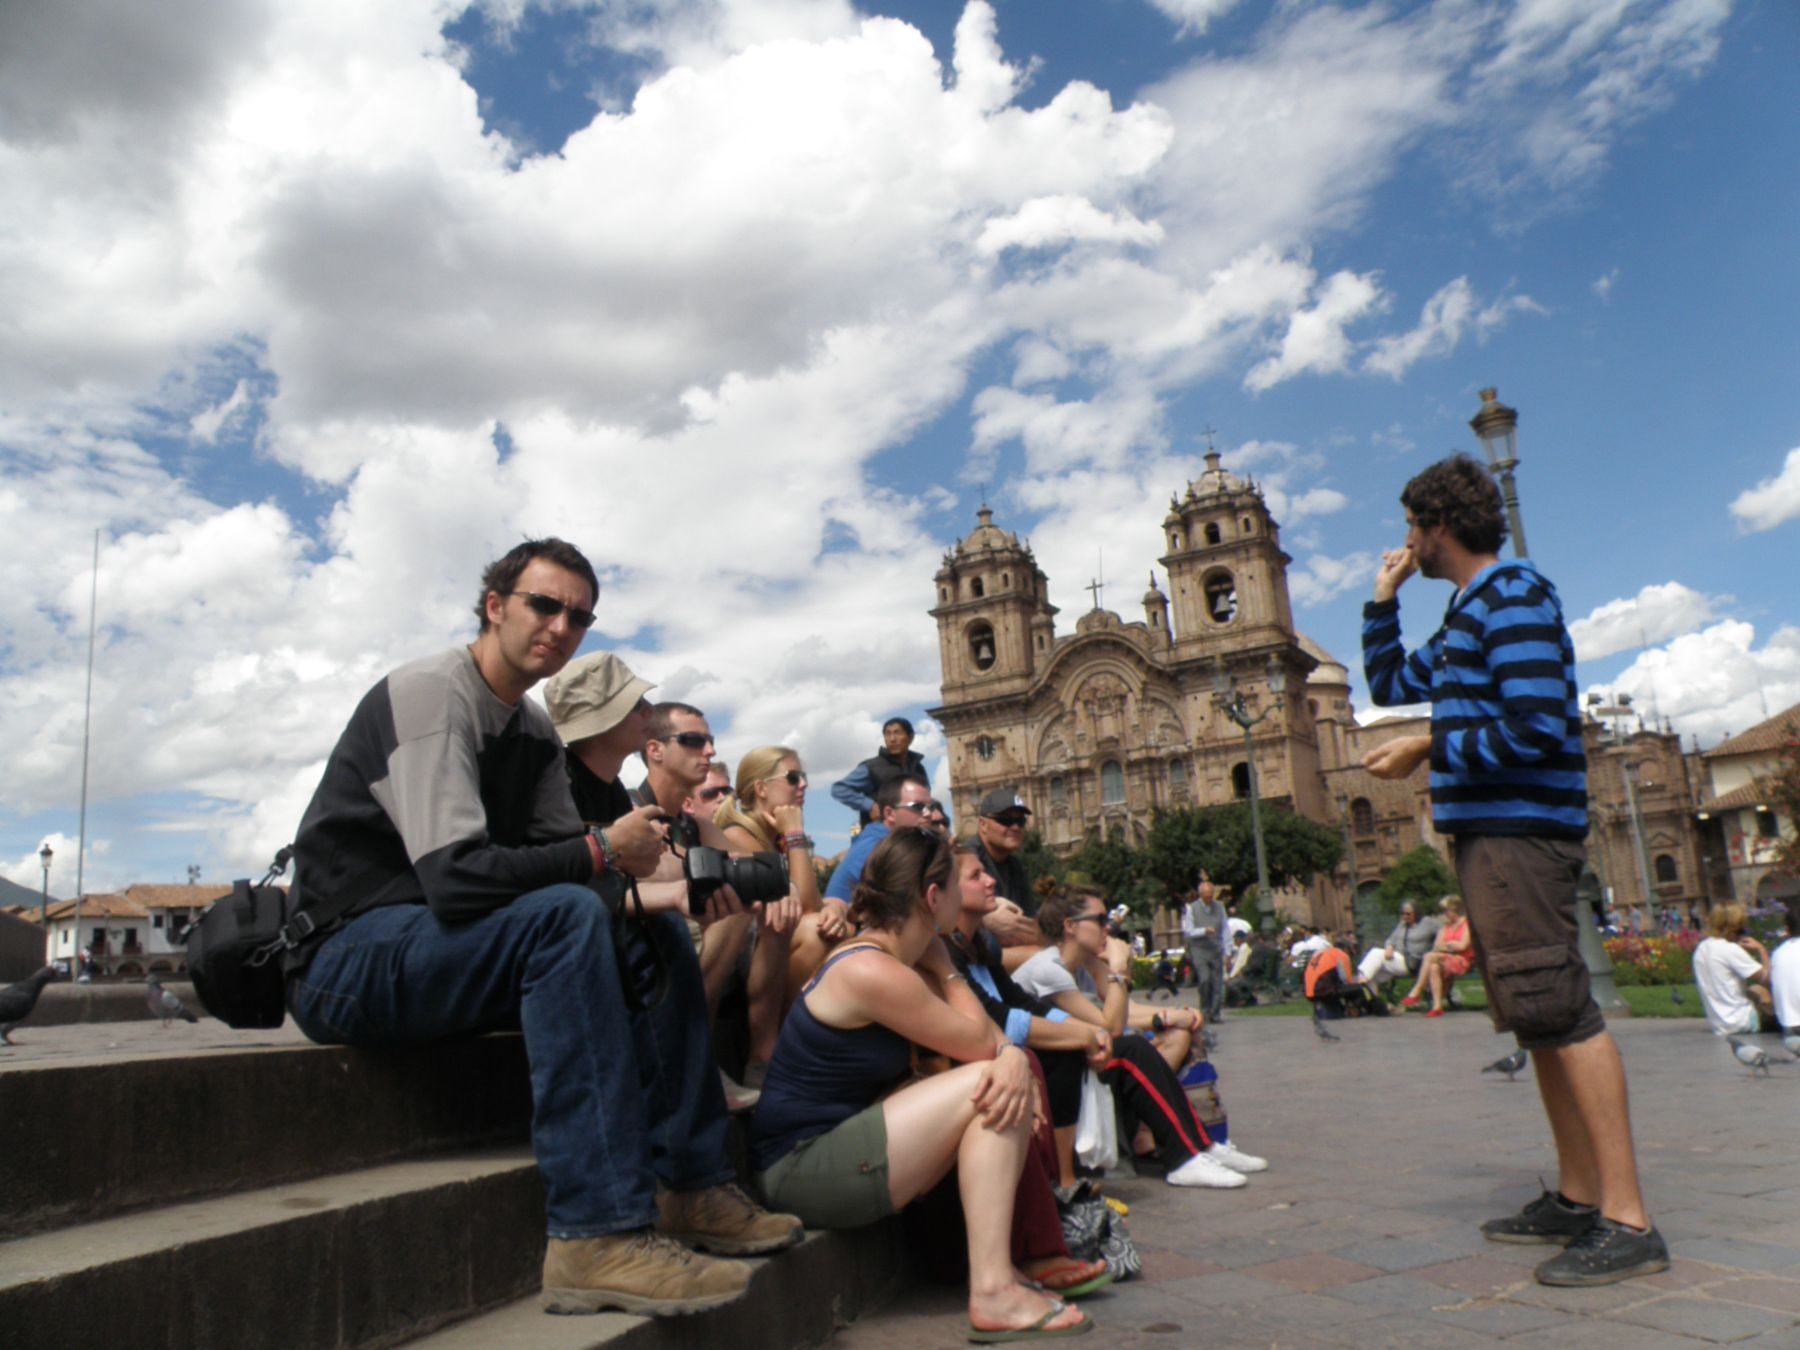 Reforzar la seguridad ciudadana permitirá una mayor afluencia de turistas a Cusco.